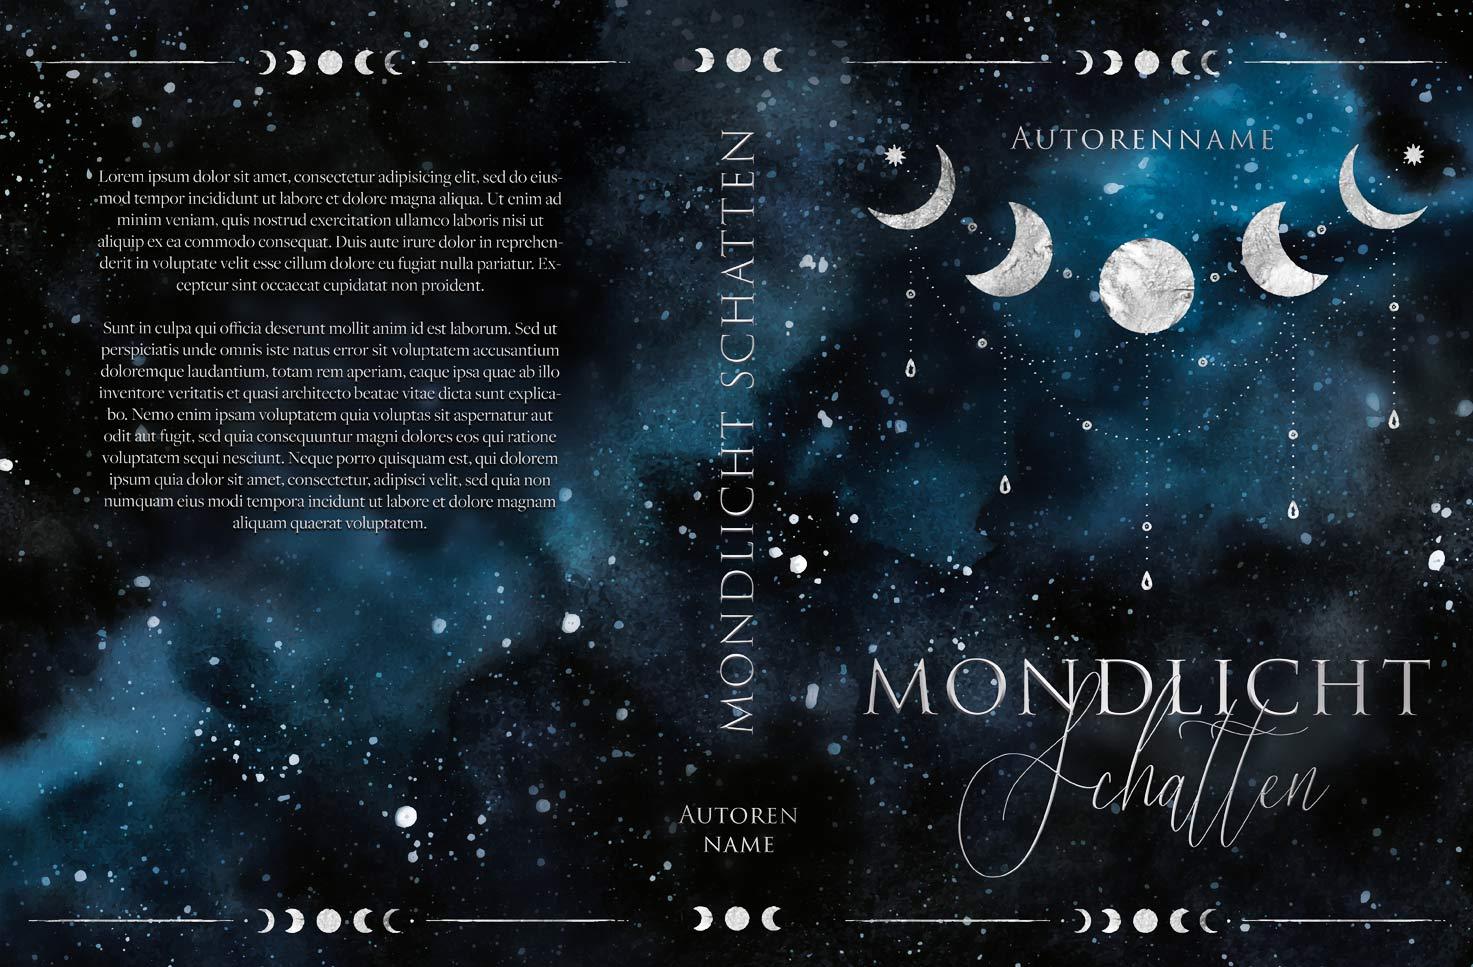 Mondlicht Schatten Premade Cover